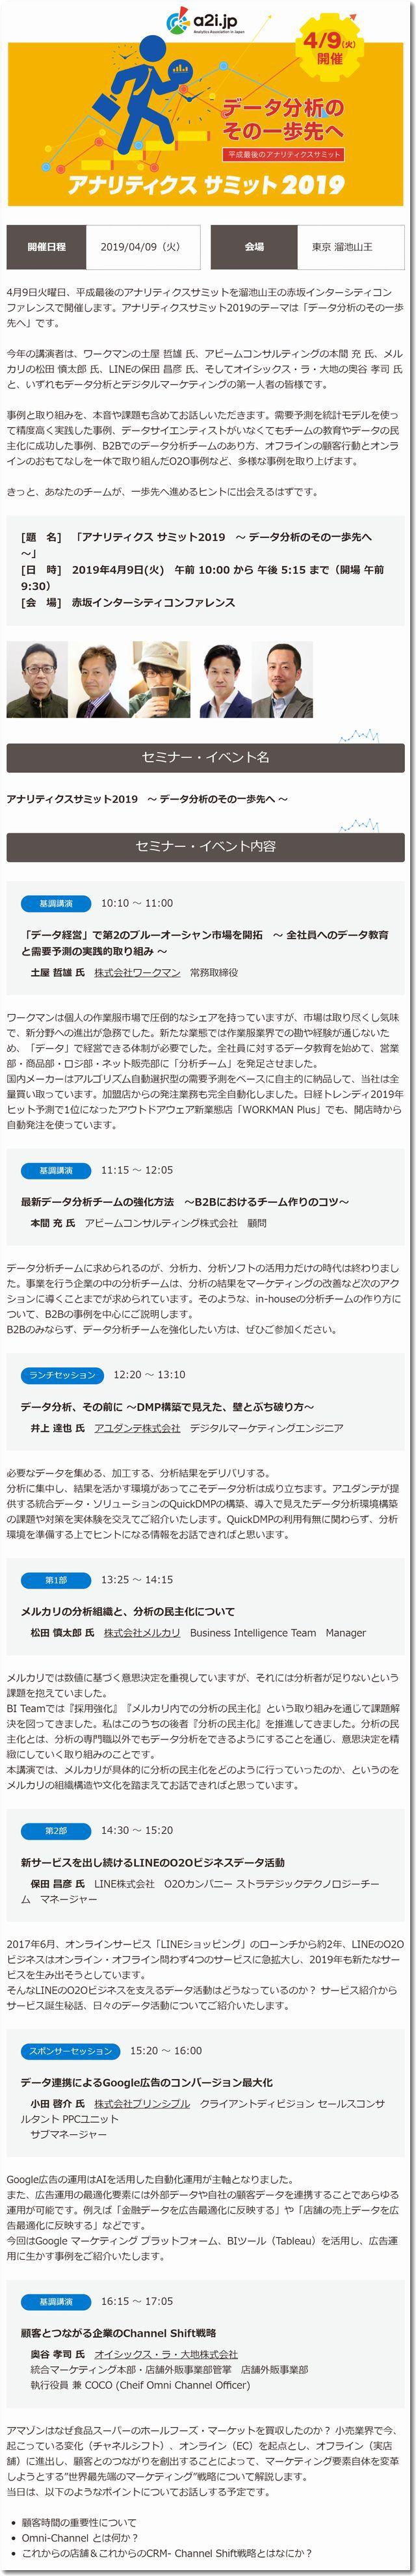 a2i.jp_schedule_2019.jpg